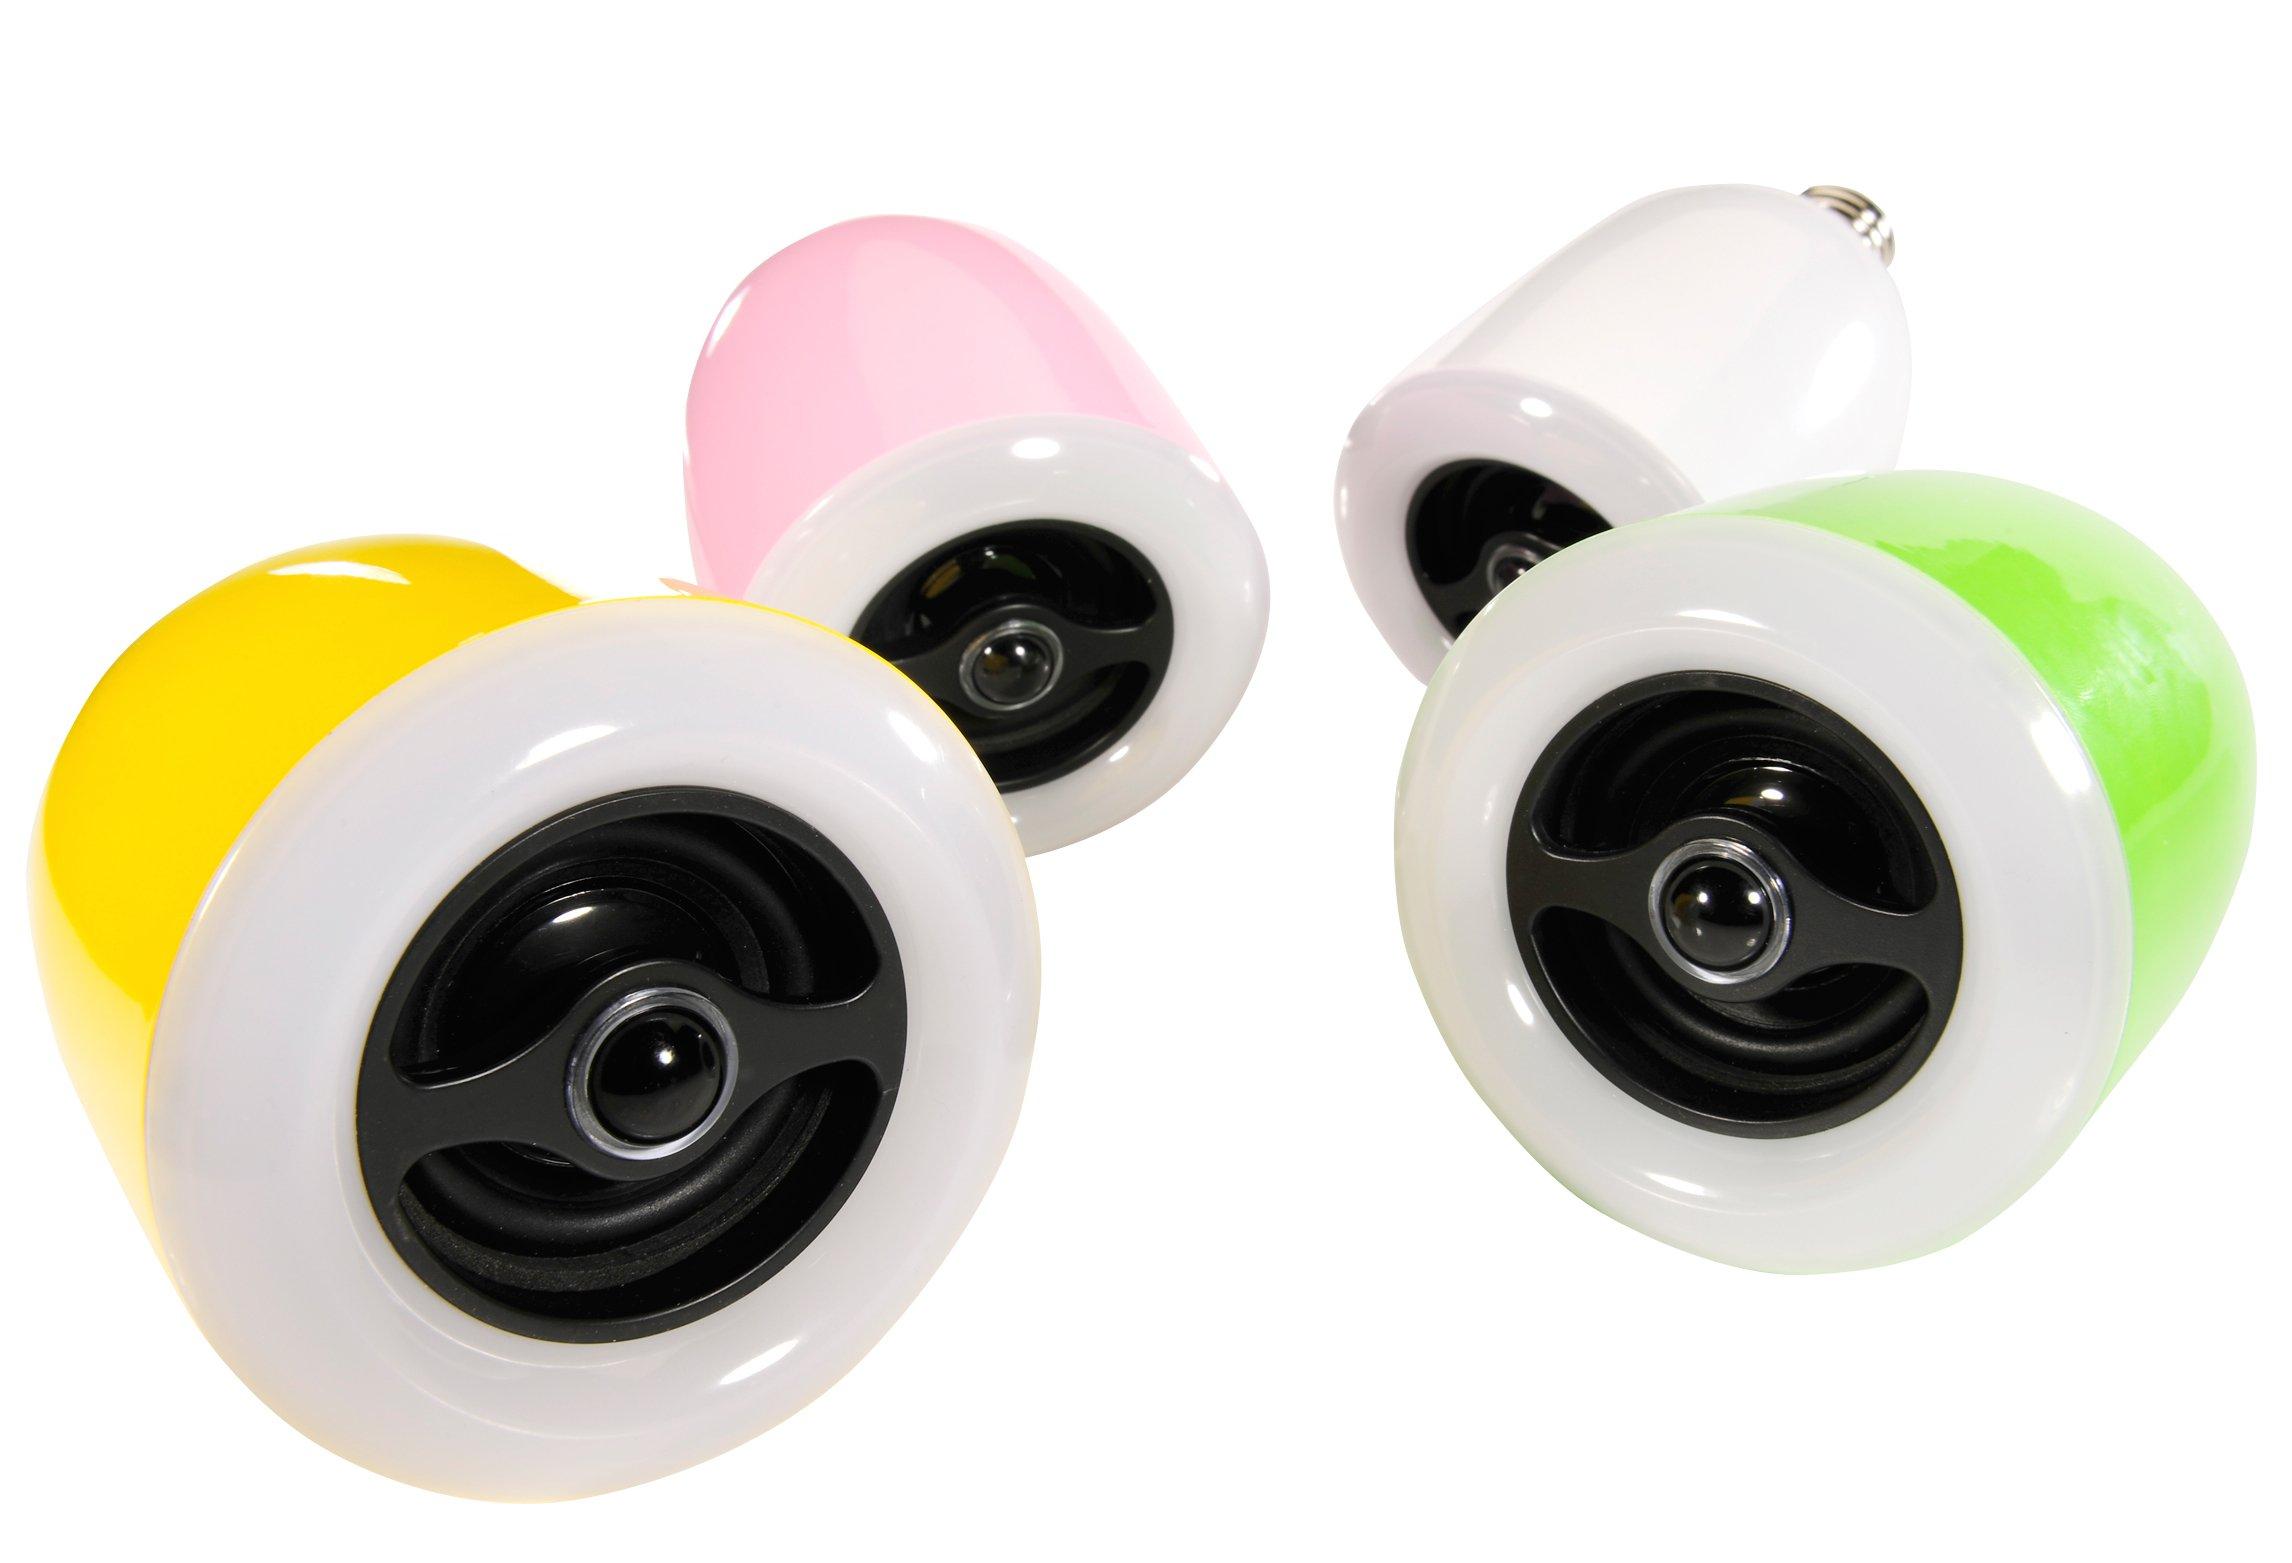 Die LED-Birne mit integriertem Bluetooth-Lautsprecher von Ultron gibt es in gelb, grün, rosa und weiß.